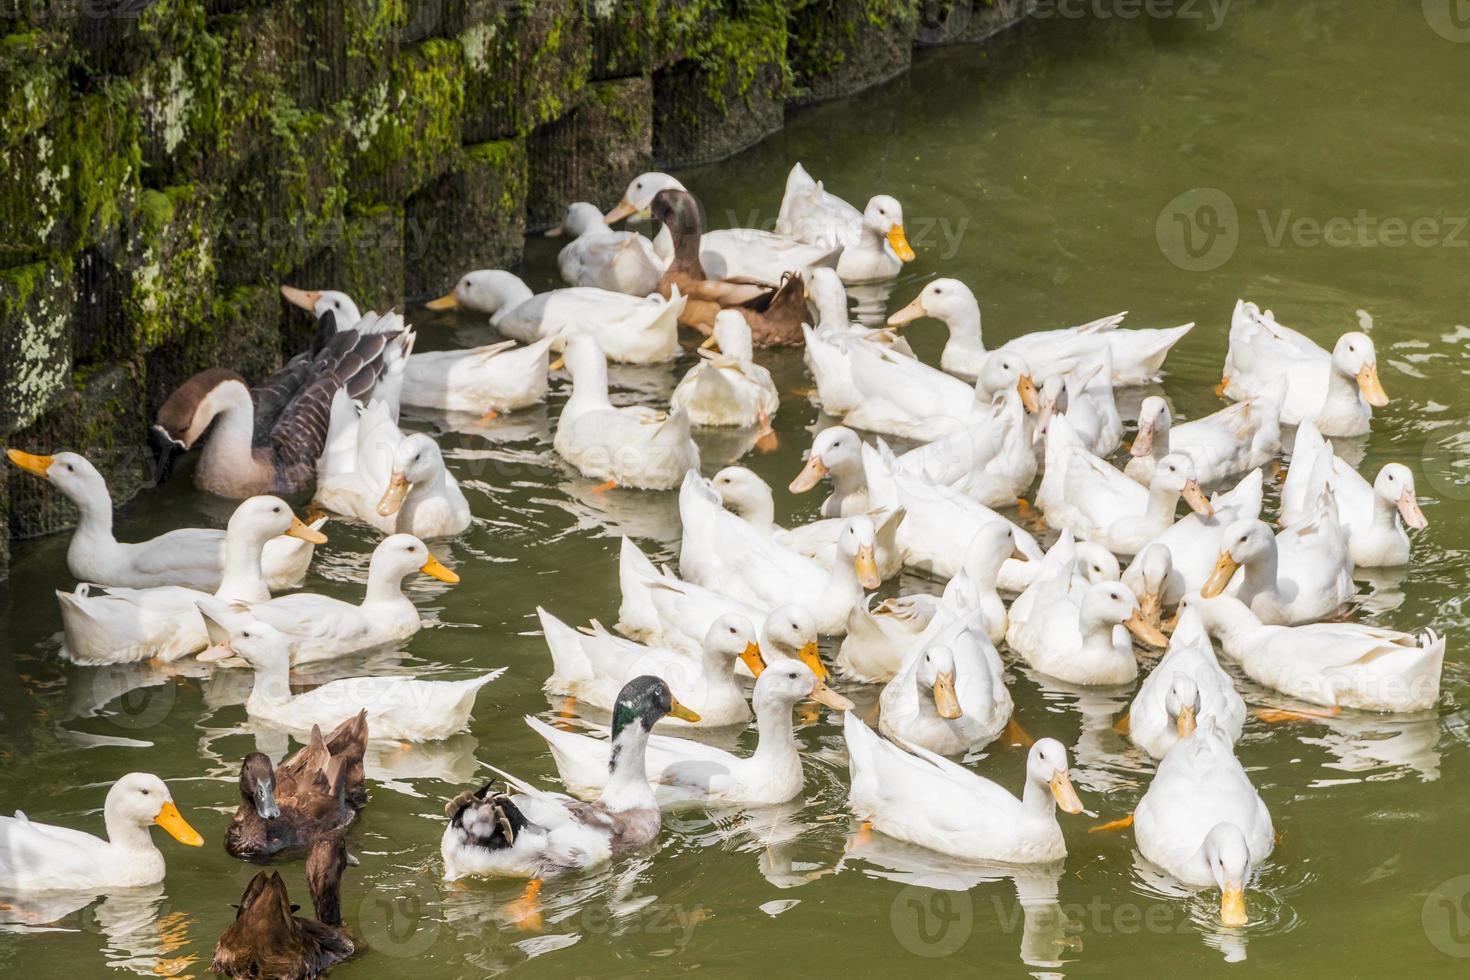 beaucoup de beaux canards blancs jardin botanique perdana, malaisie. photo